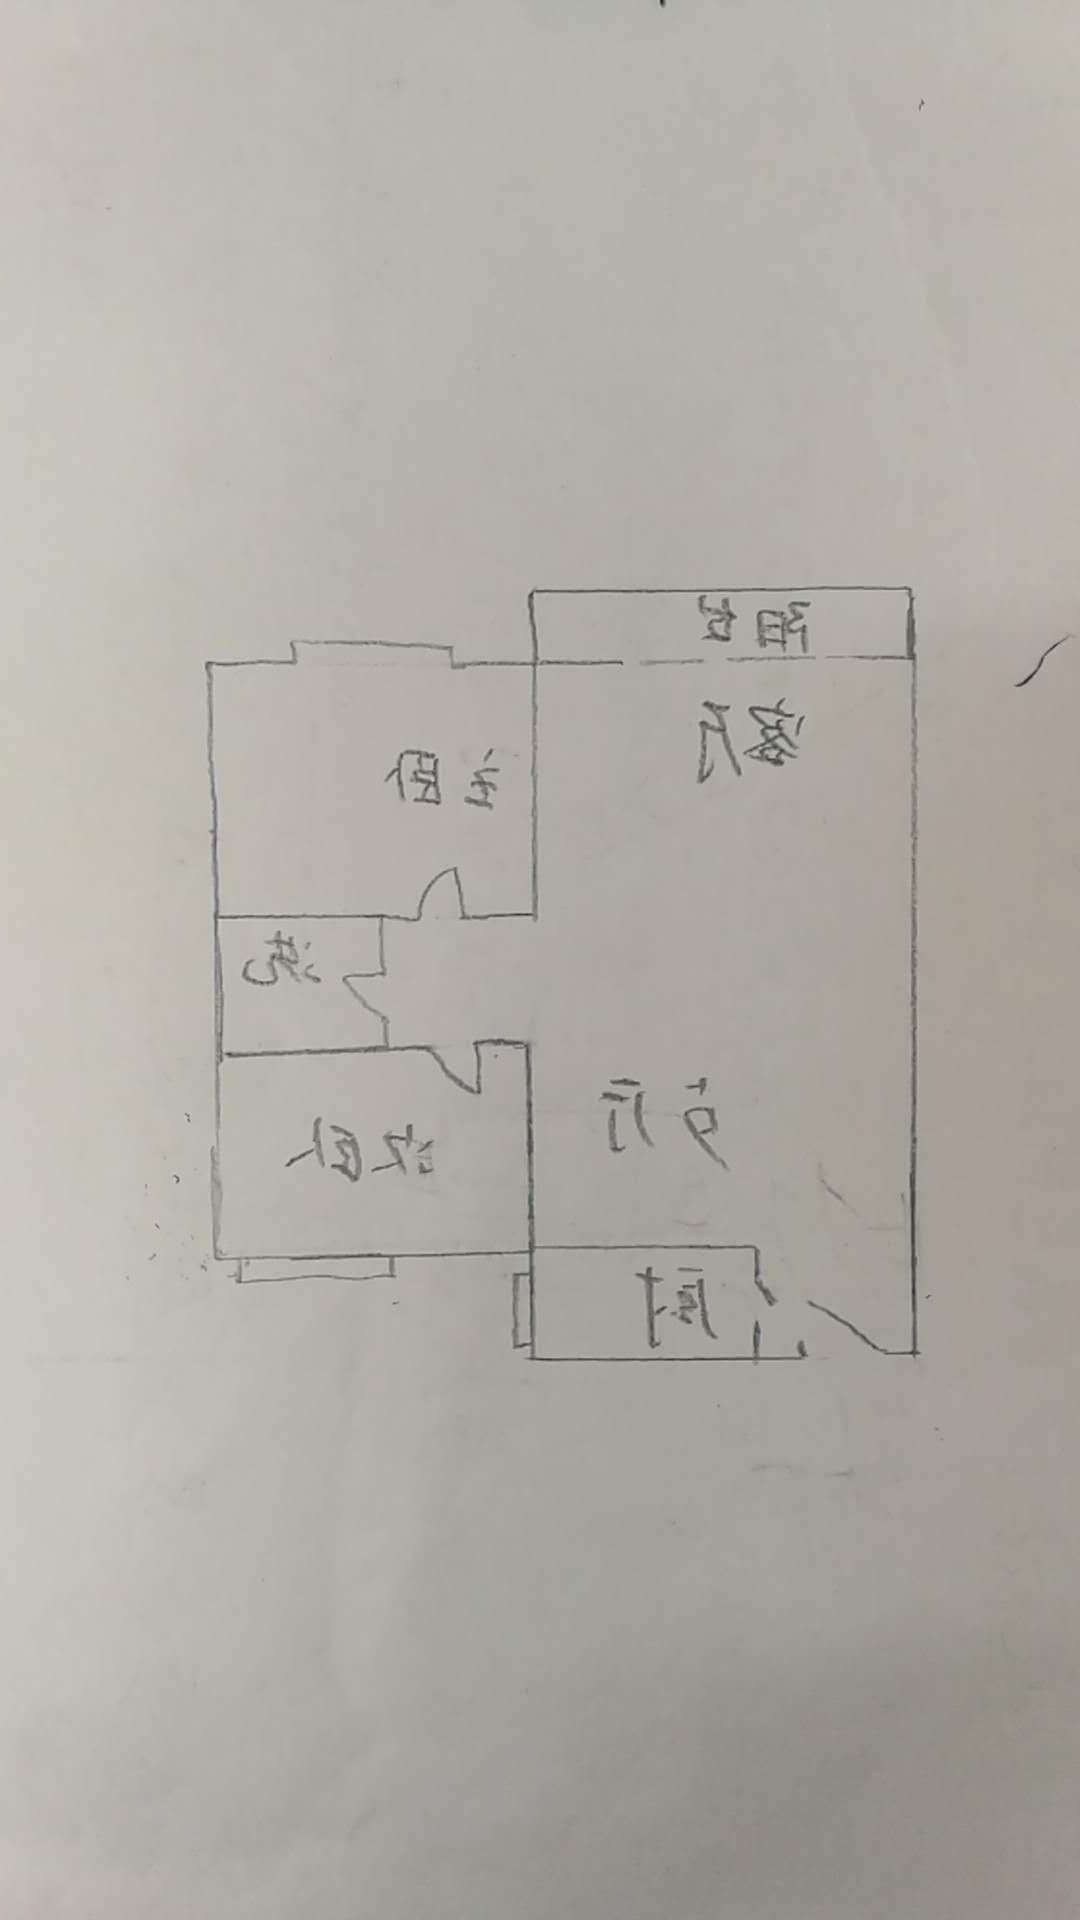 明城雅居 2室2厅  简装 97万